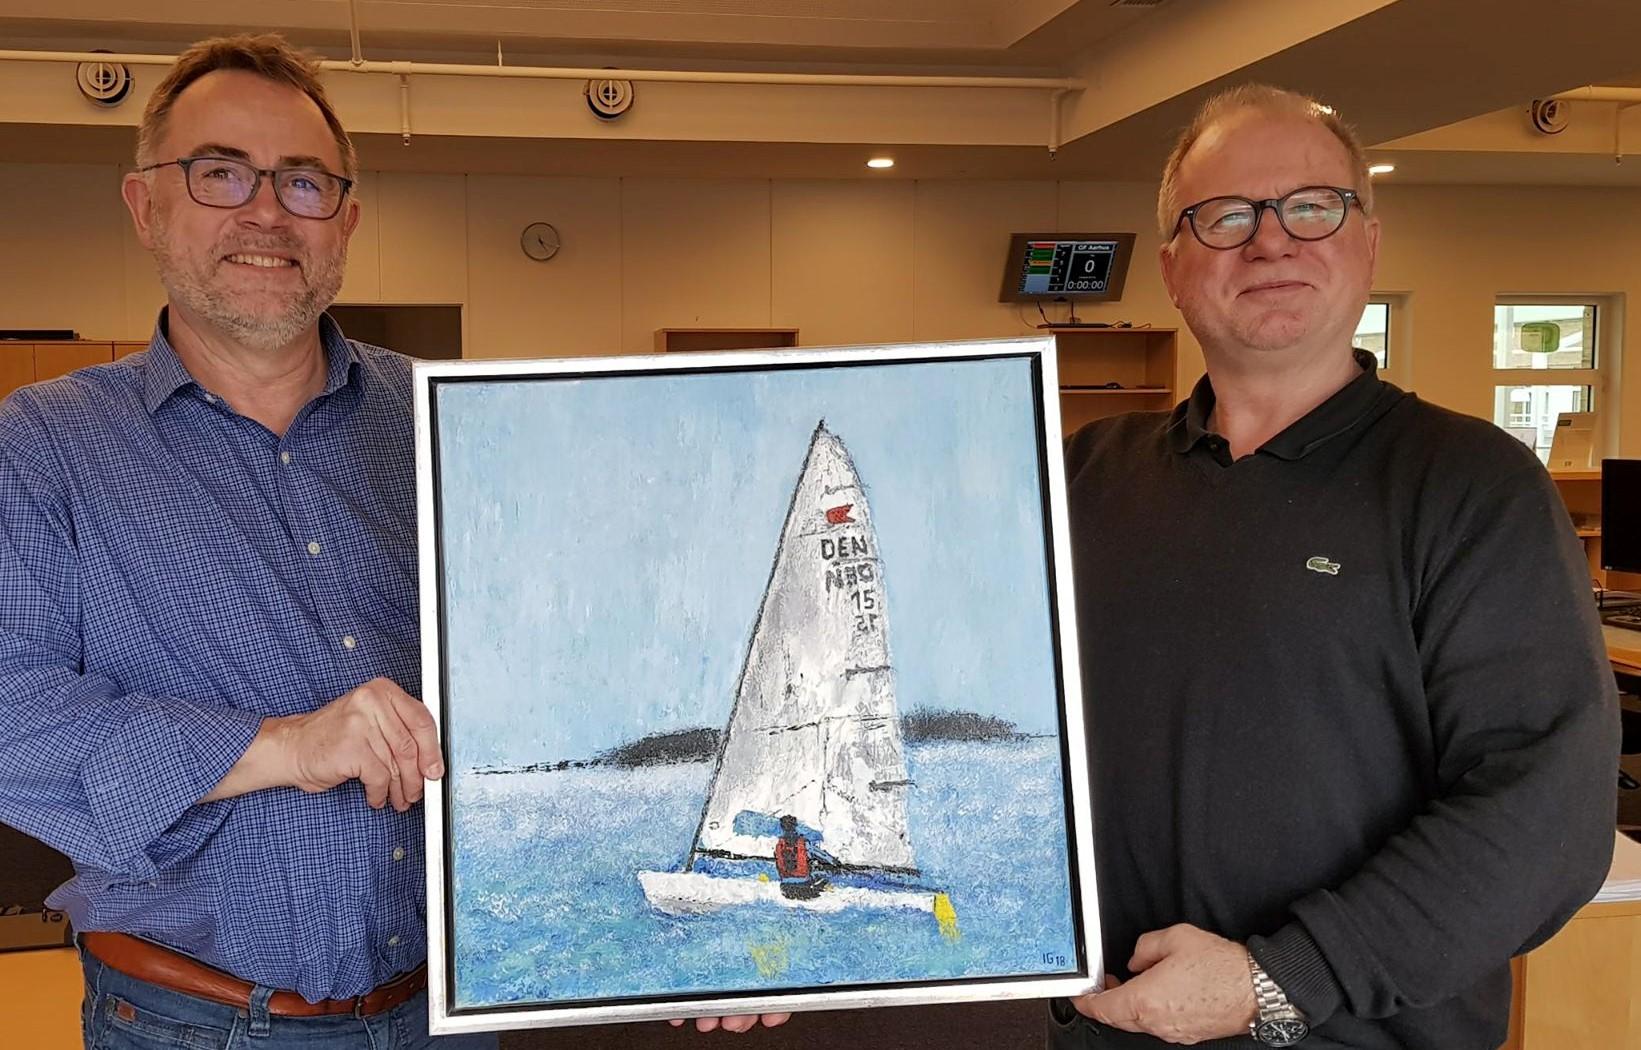 Til venstre står Stig Frandsen, mens maleren Ingo Griem står til højre. Begge sejler OK-jolle i Kaløvig. Foto: Troels Lykke